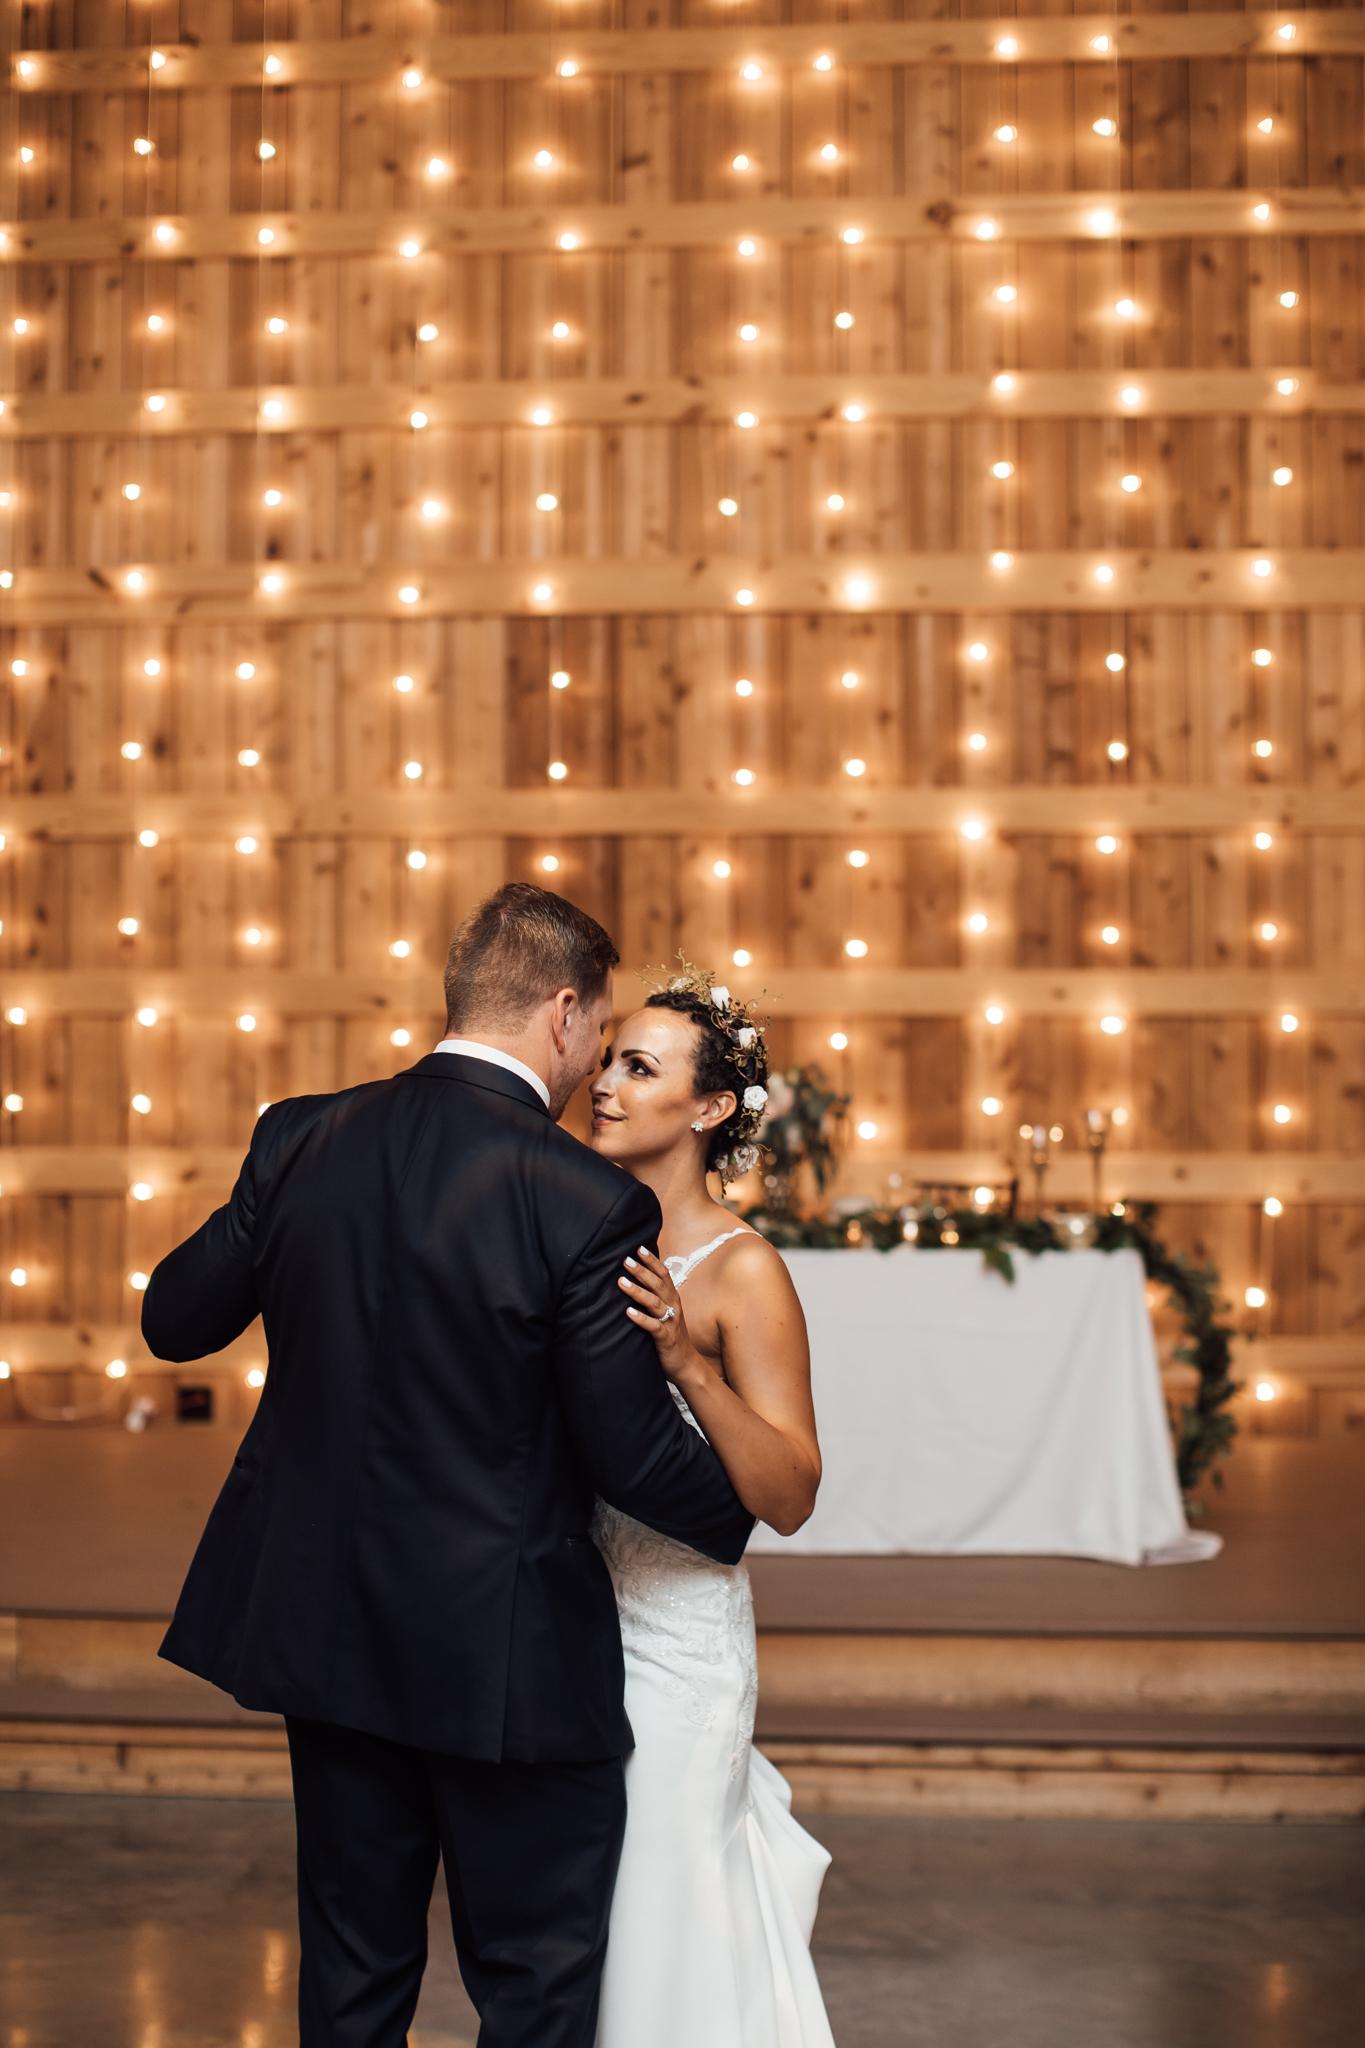 saddlewoodsfarms-nashville-wedding-photographer-thewarmtharoundyou-rustic-wedding (51 of 251).jpg